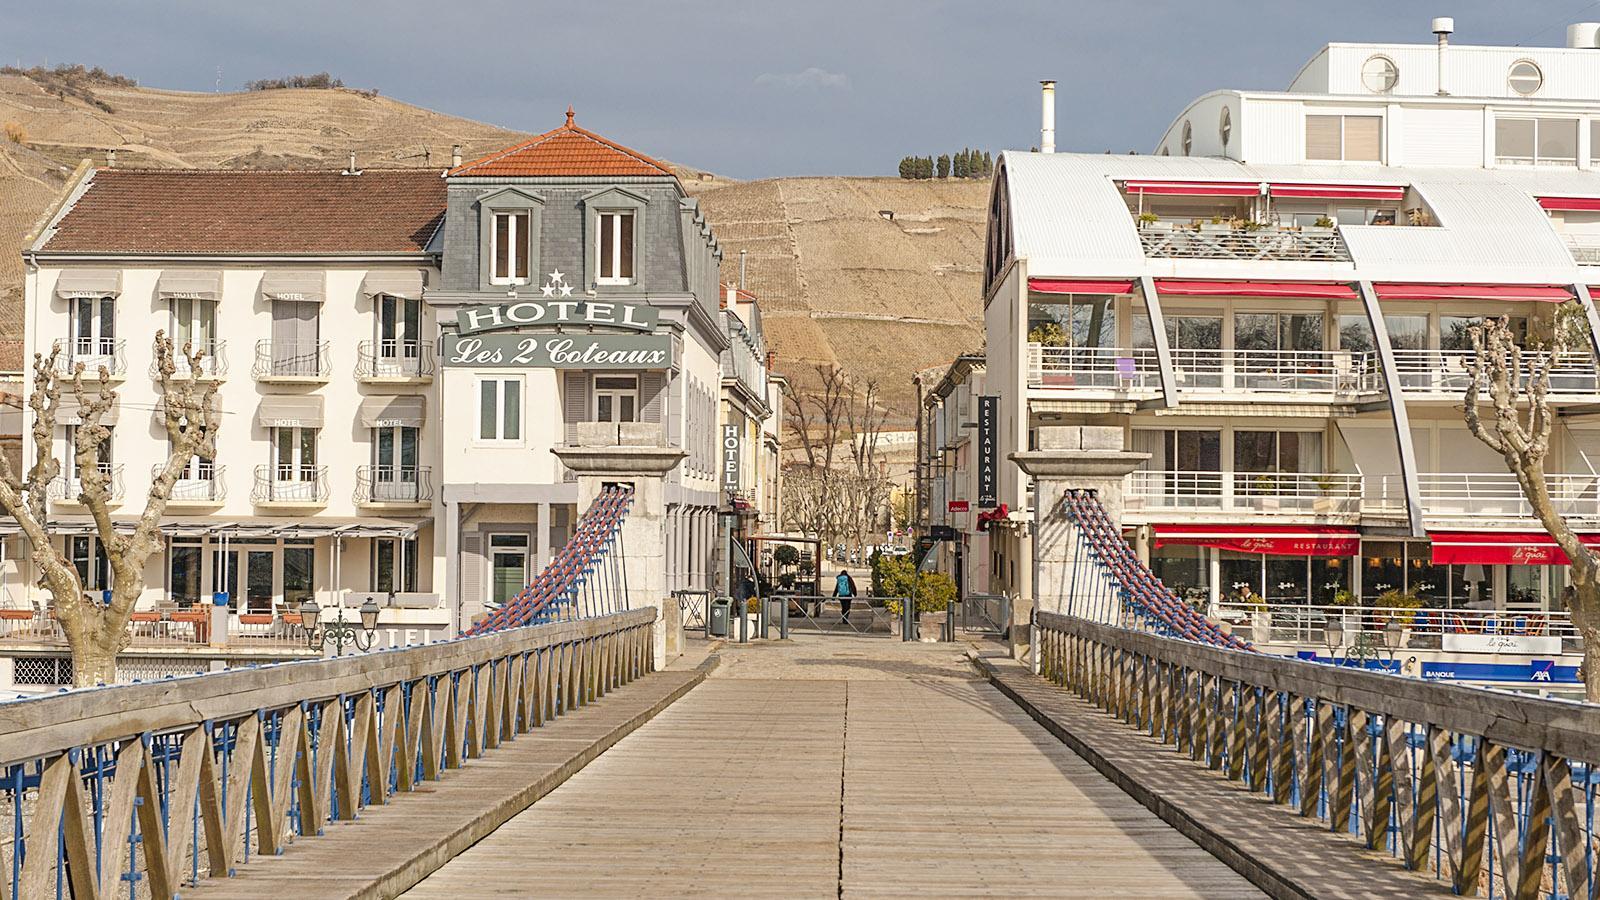 Tain-l'Hermitage. das Hotel Les 2 Côteaux. Foto: Hilke Maunder